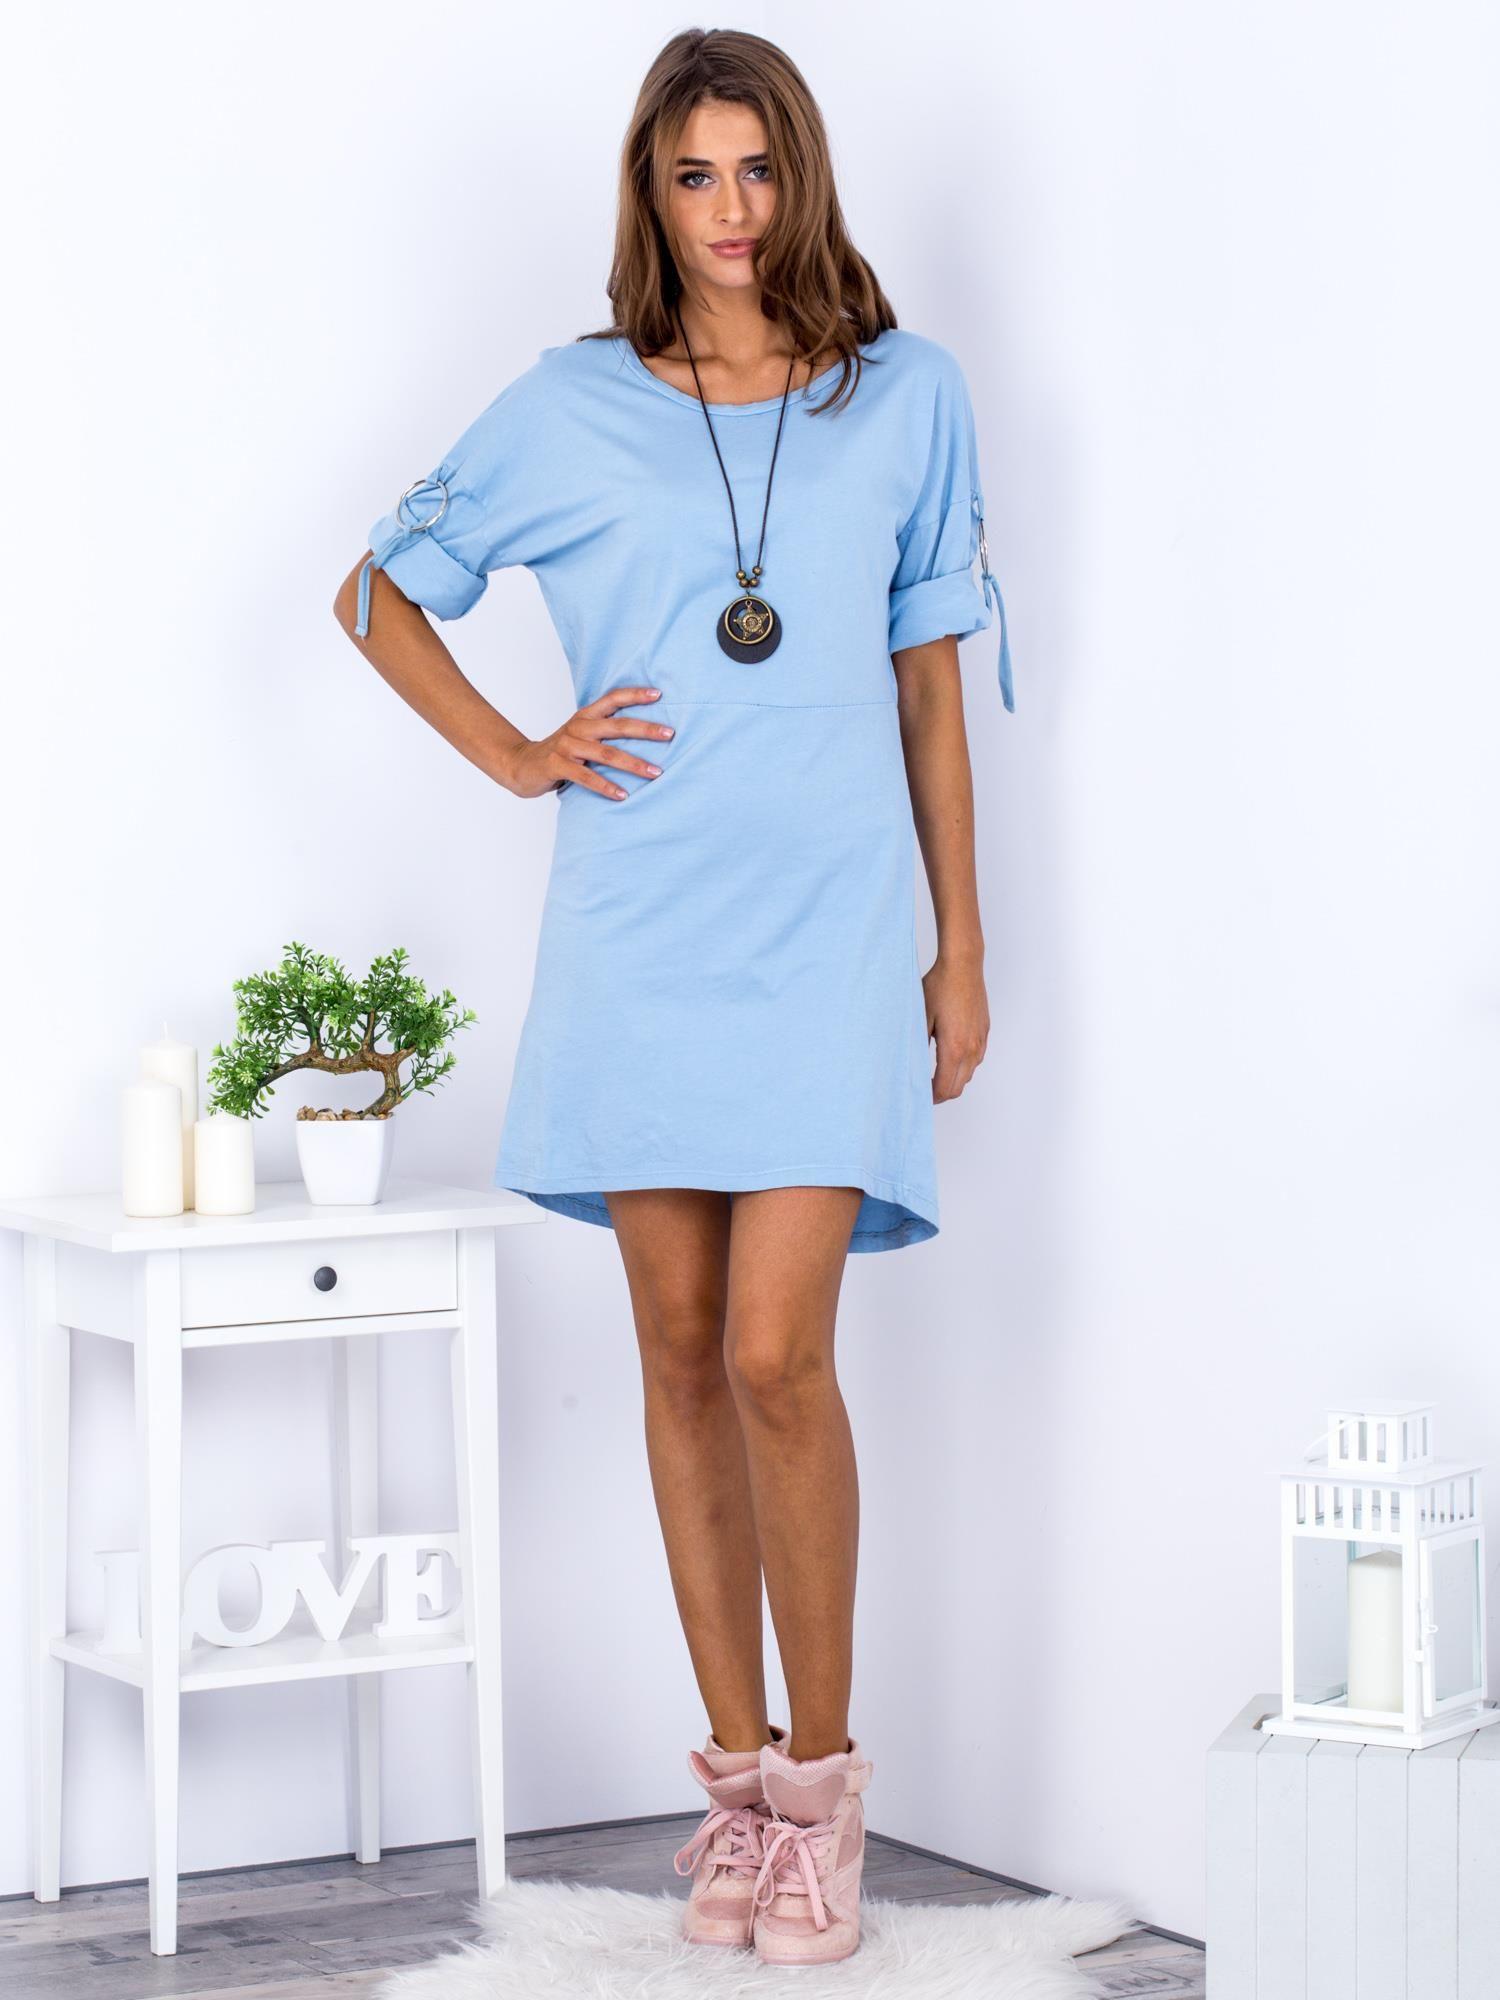 443394d7cfafc0 3 · Sukienka jasnoniebieska z naszyjnikiem i podwijanymi rękawami ...